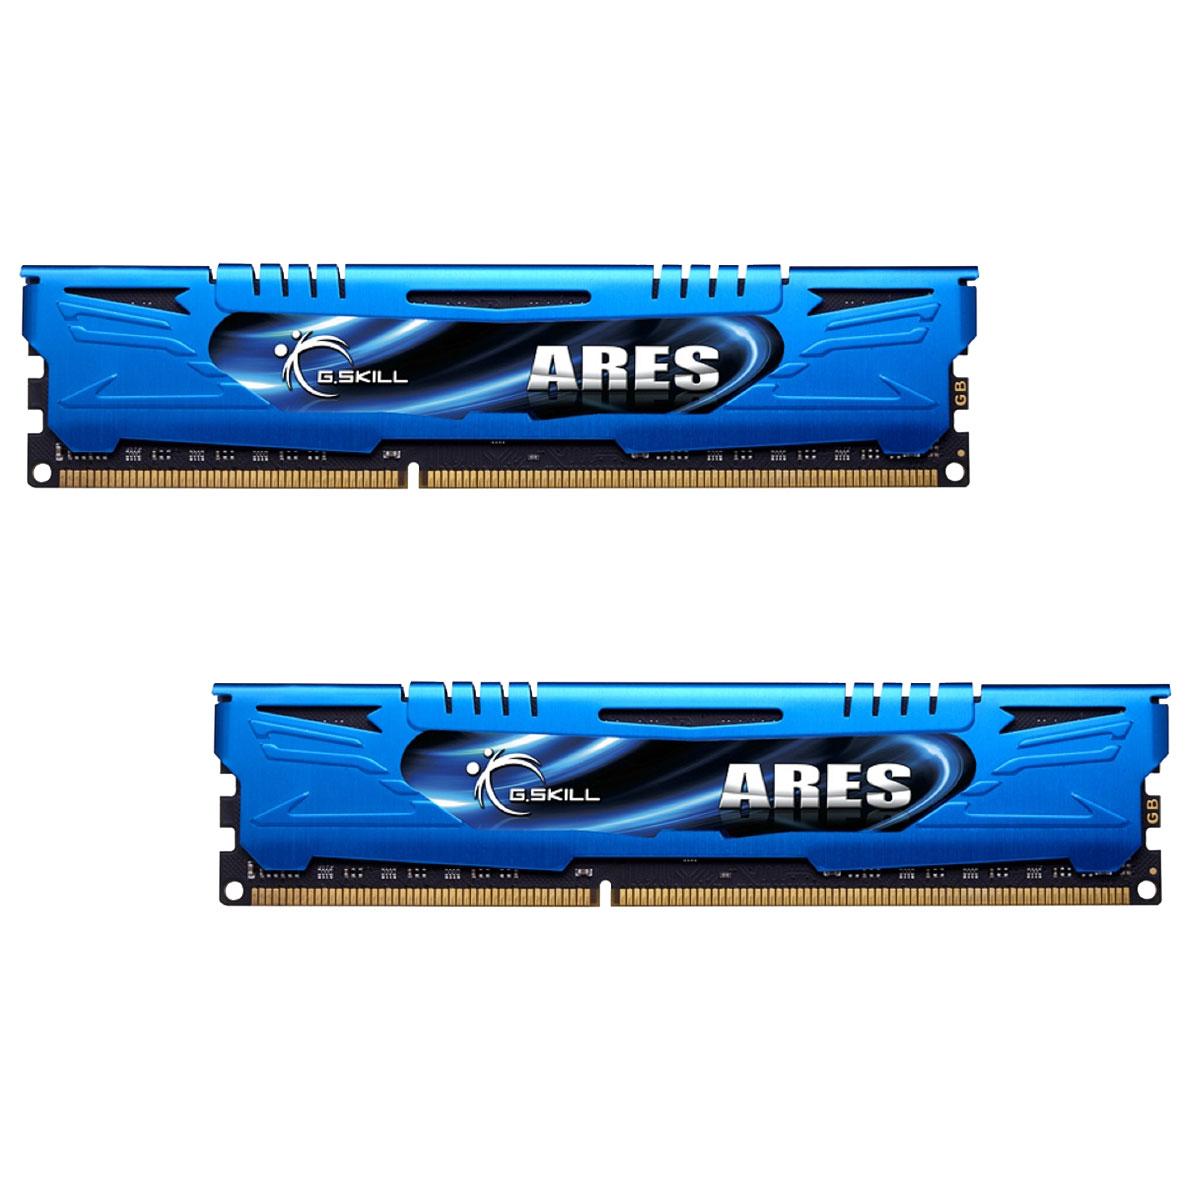 Mémoire PC G.Skill Ares Blue Series 8 Go (2 x 4 Go) DDR3 2133 MHz CL9 Kit Dual Channel DDR3 PC3-17000 - F3-2133C9D-8GAB (garantie à vie par G.Skill)